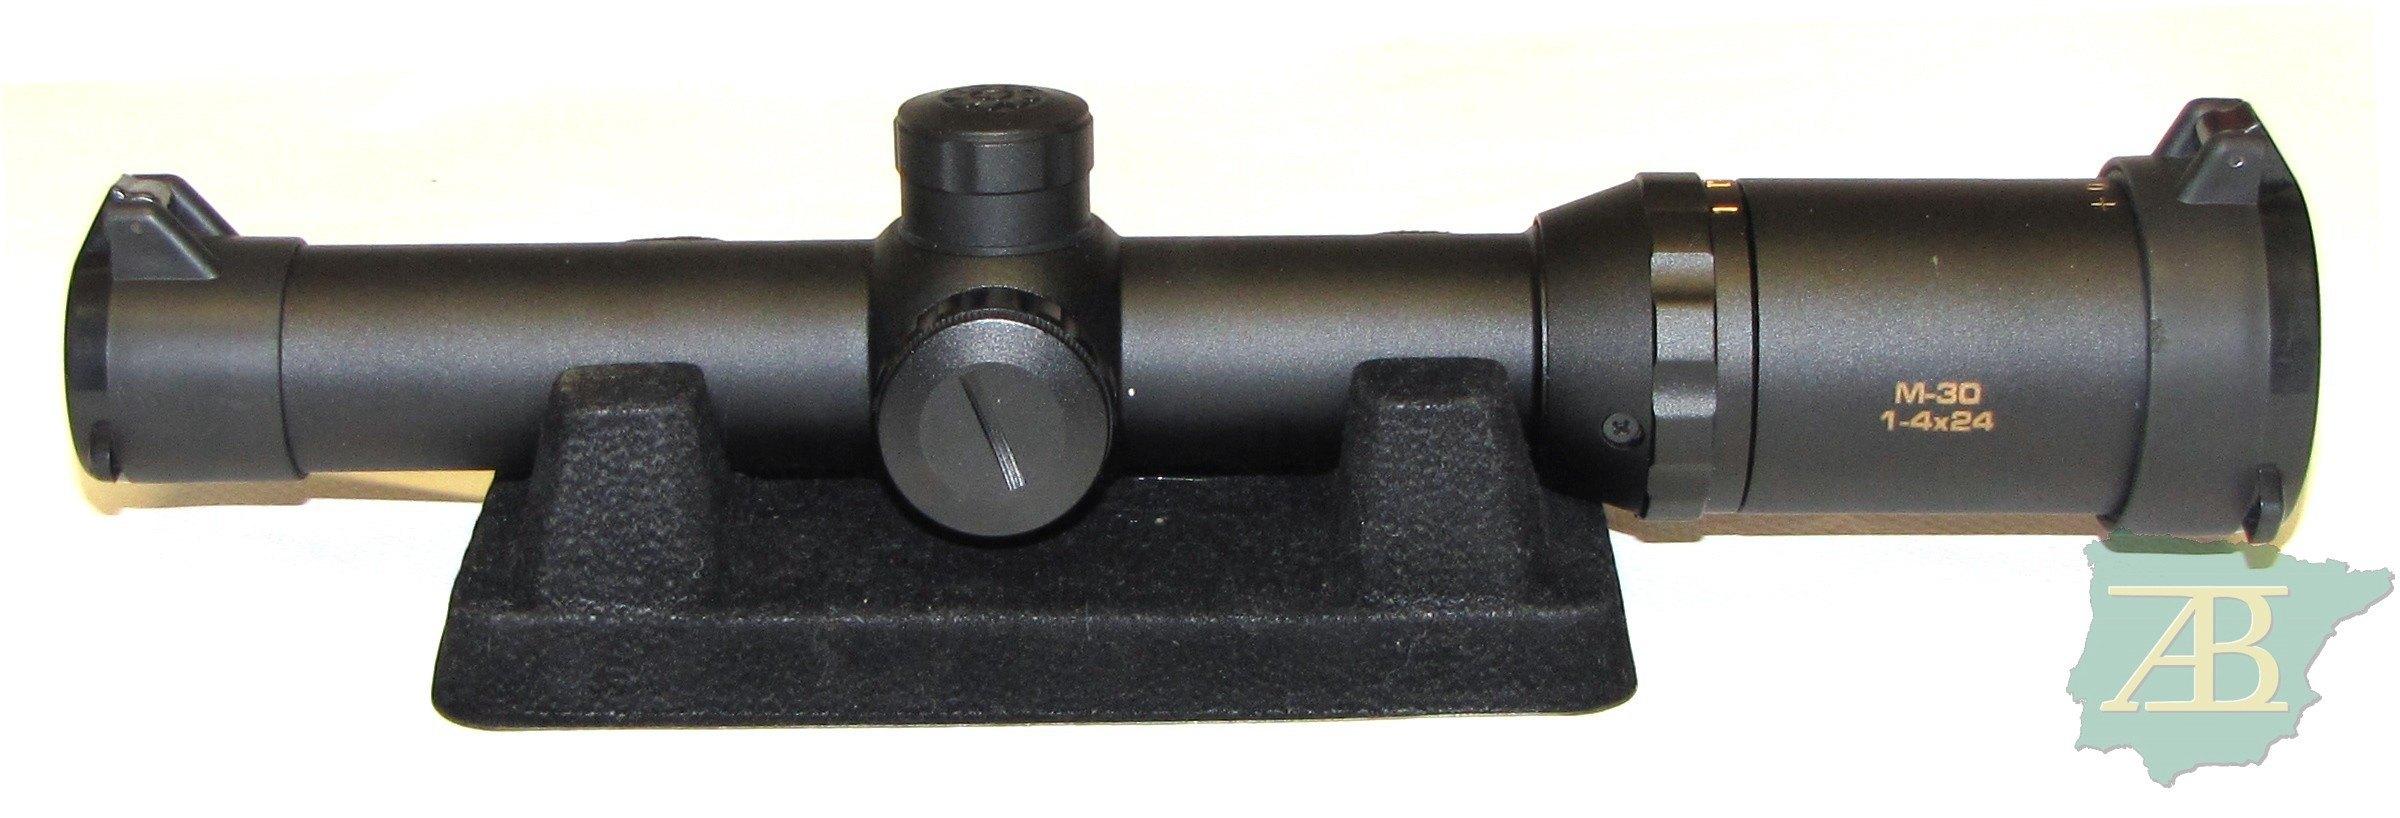 VISOR KONUS M-30 1-4X24 RI ROJO Y VERDE Ref. V26